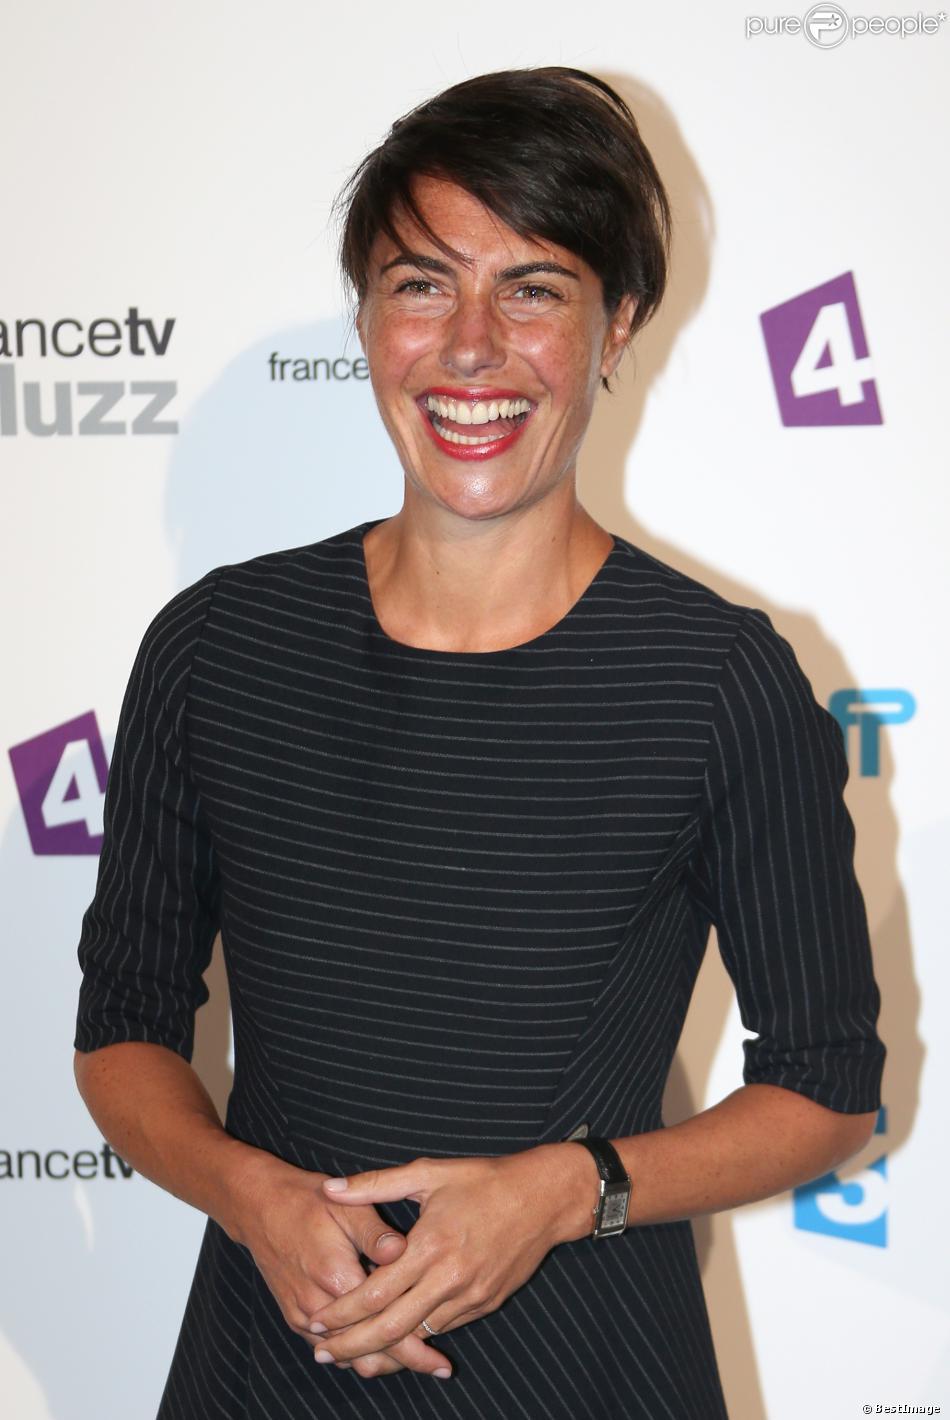 Alessandra Subletlors de la conférence de presse de rentrée de France Télévisions au Palais de Tokyo le 27 août 2013 à Paris.